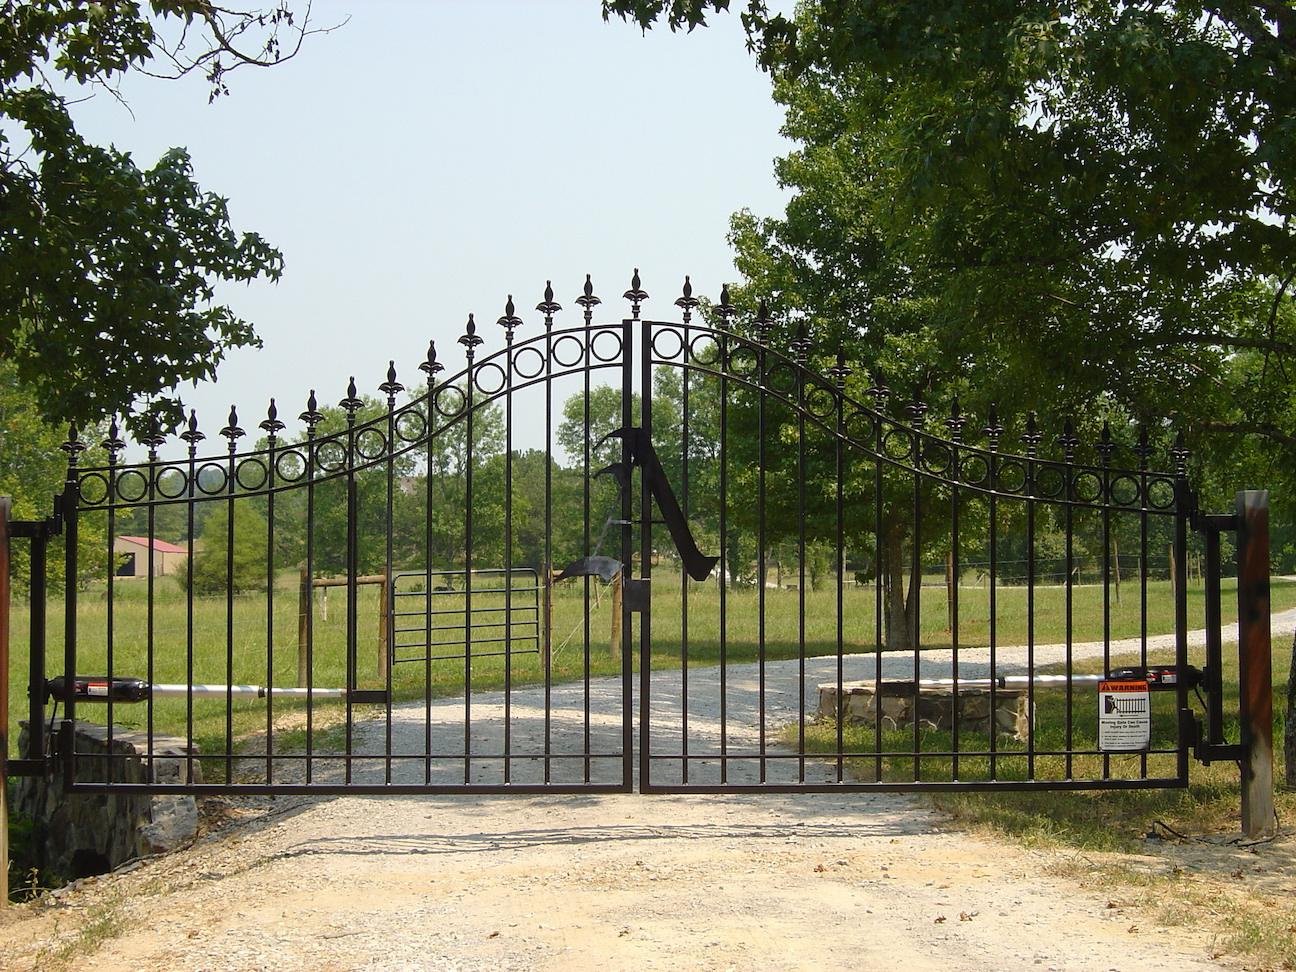 Gate - Drive Through-1